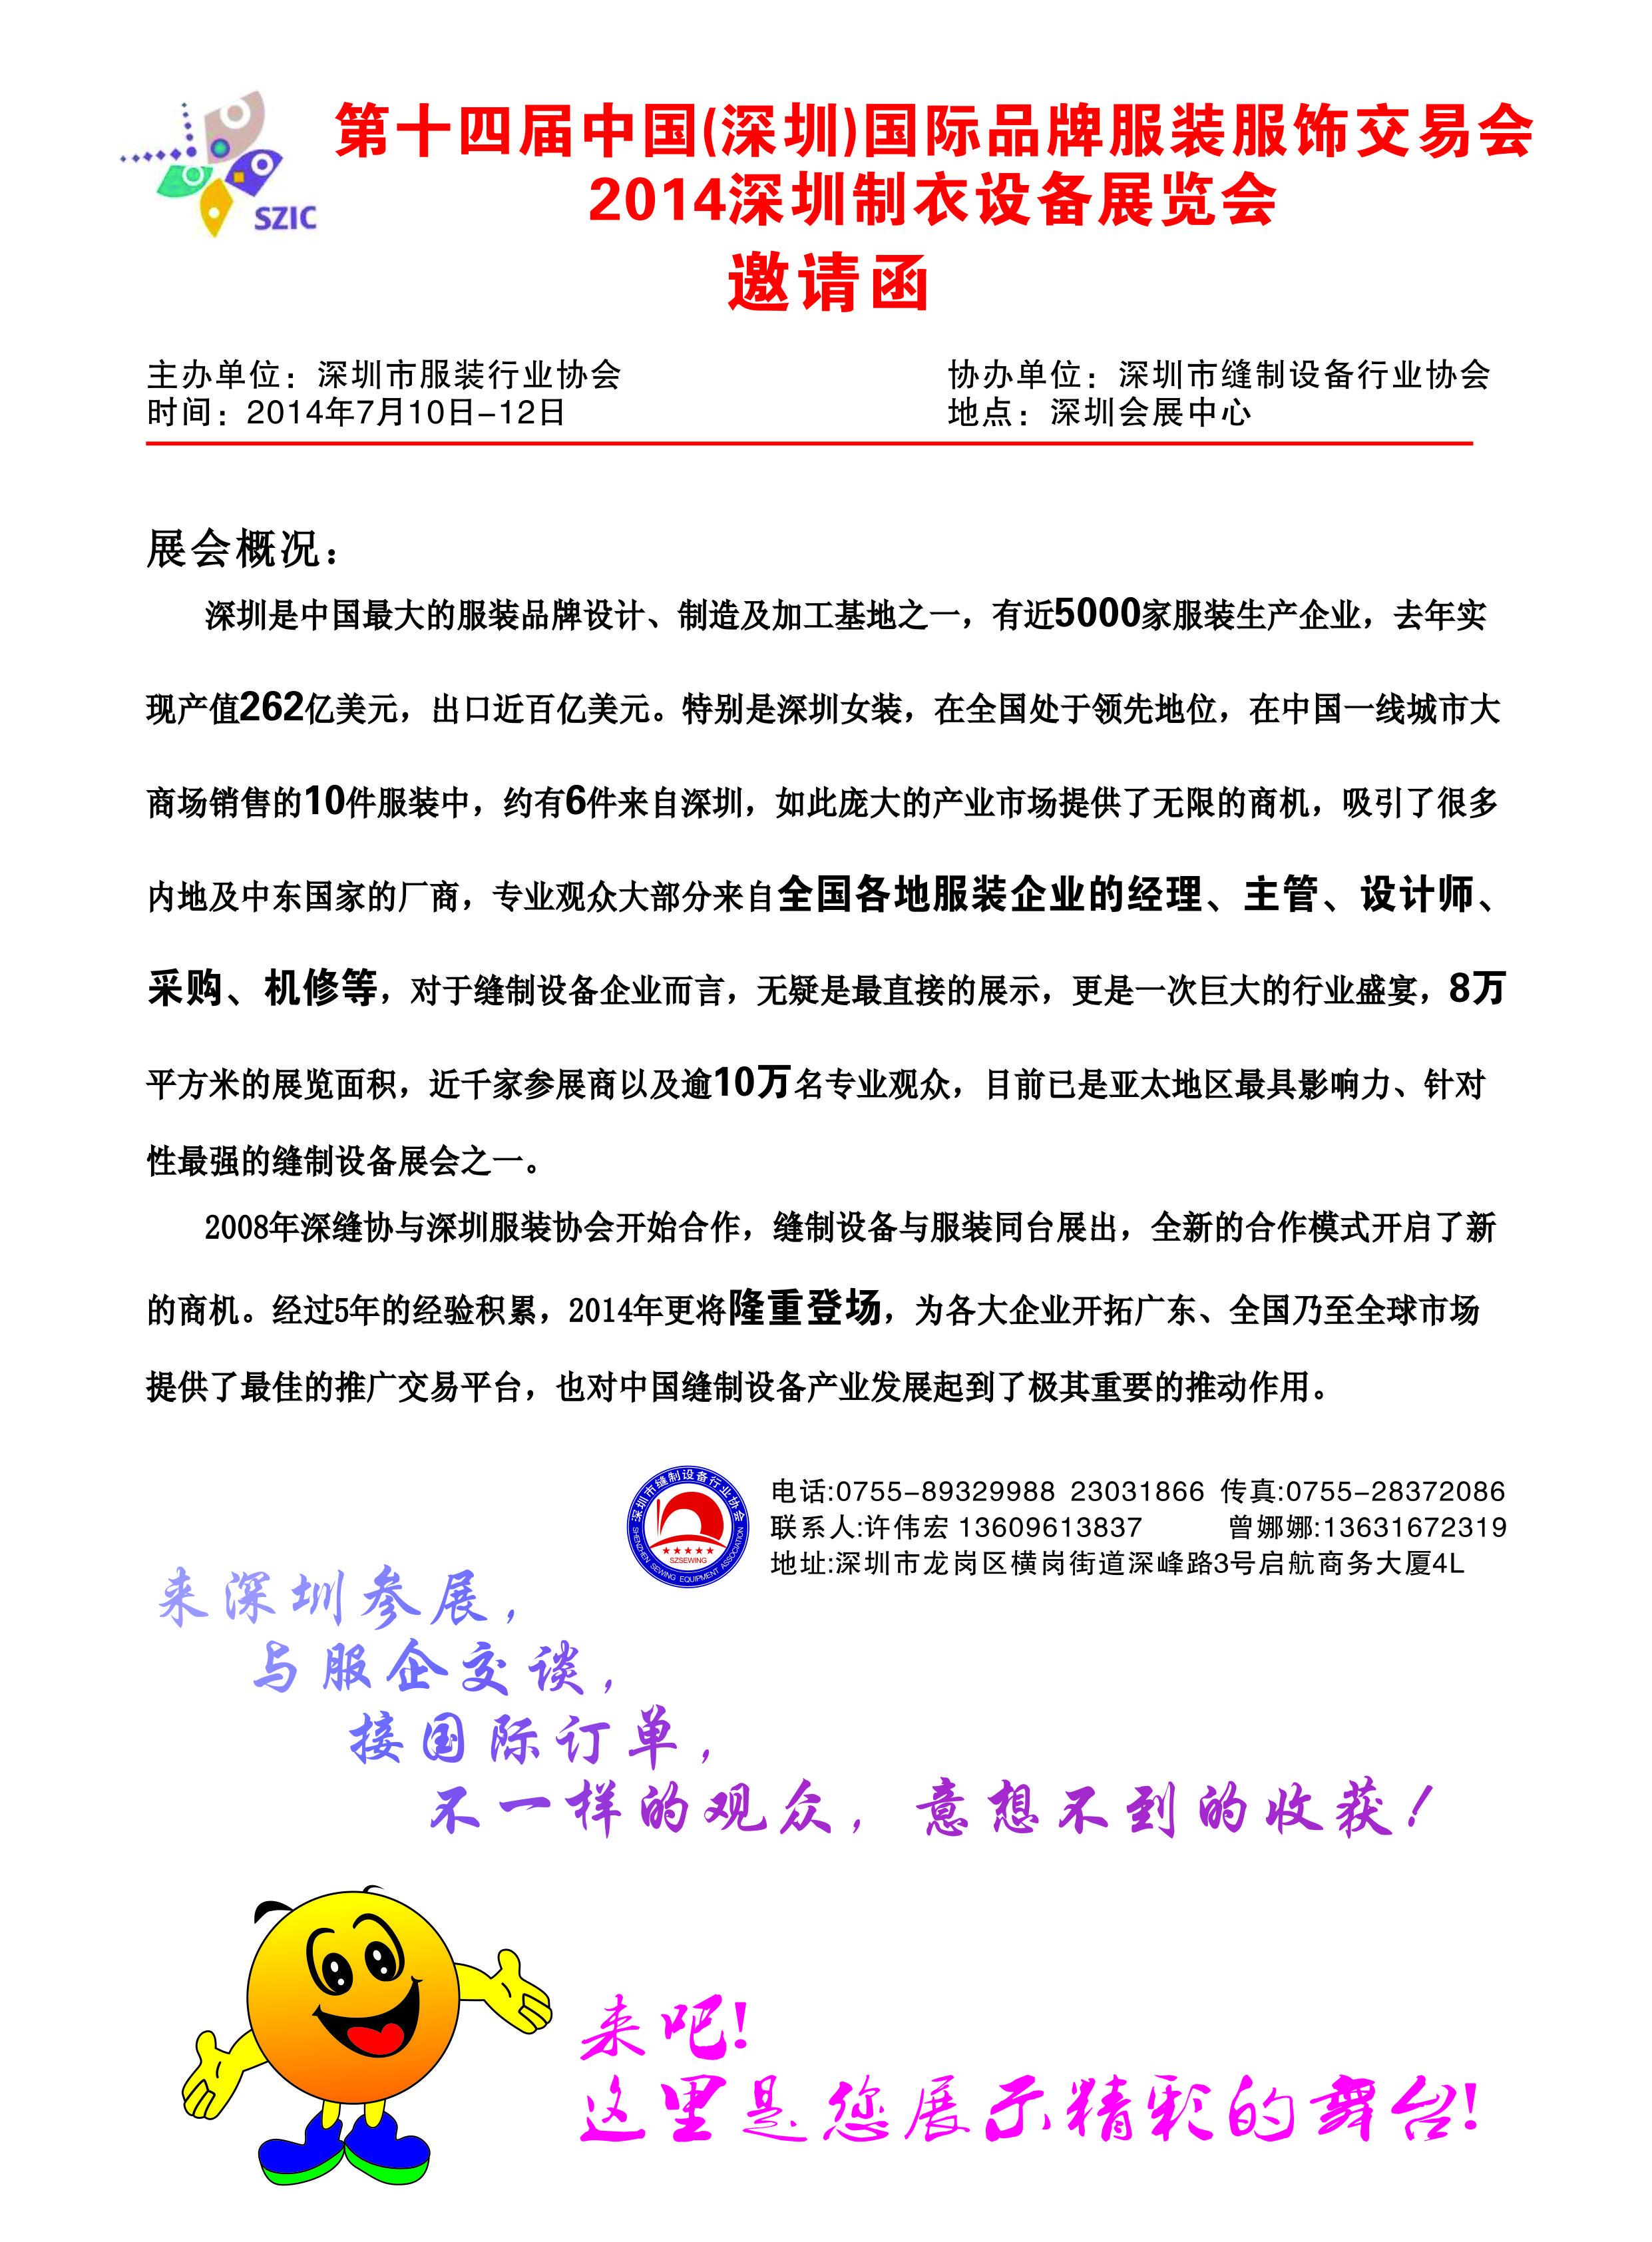 7月10-12日深圳制衣设备展